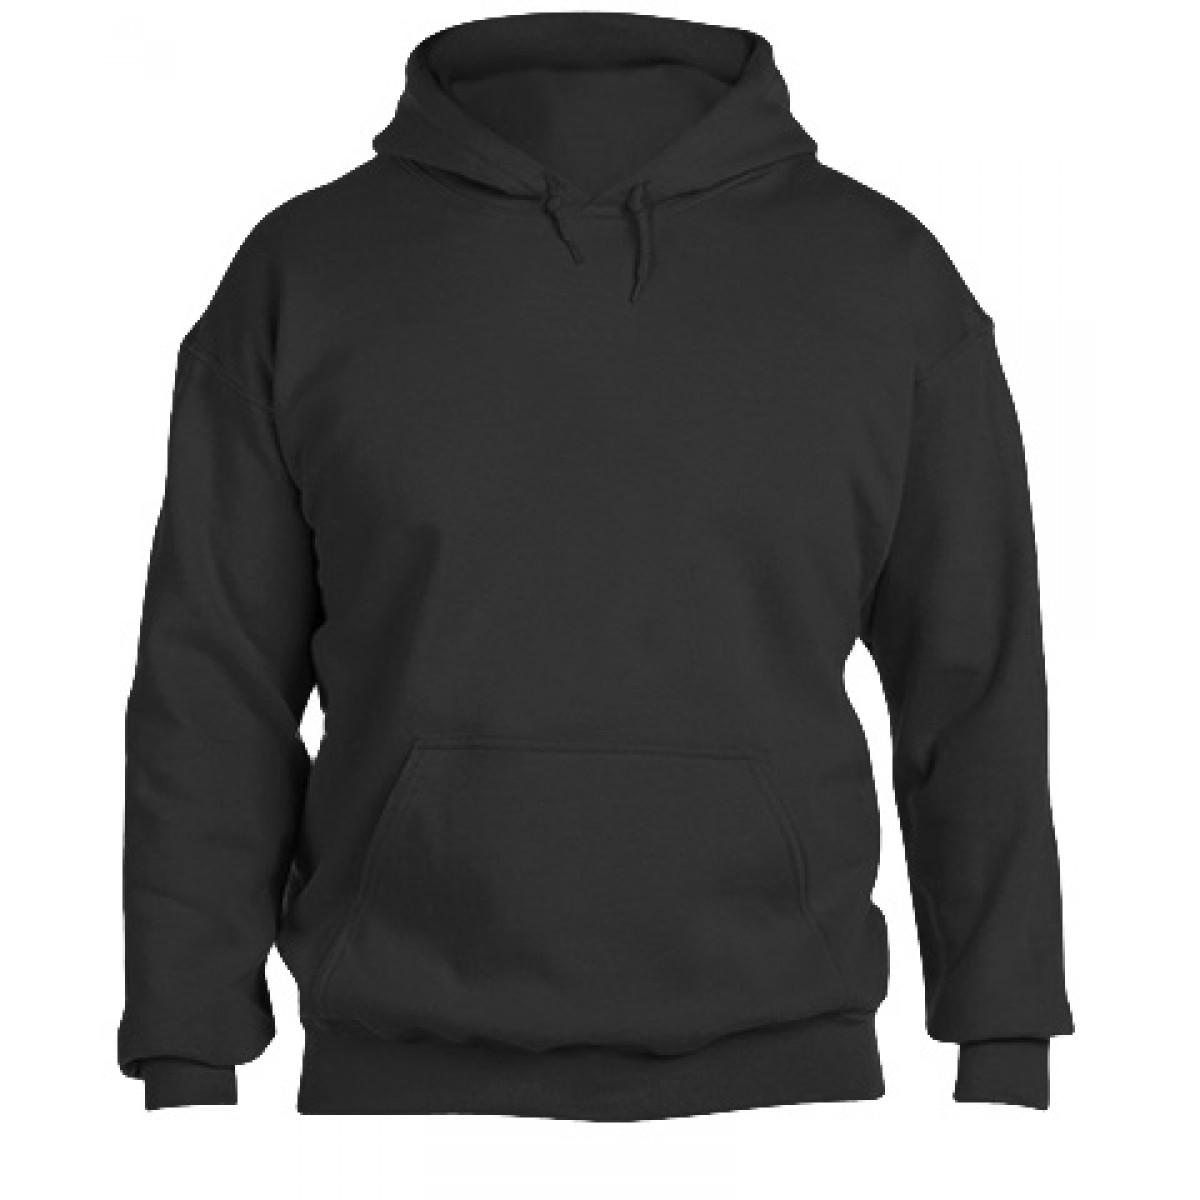 Solid Hooded Sweatshirt  50/50 Heavy Blend-Black-M